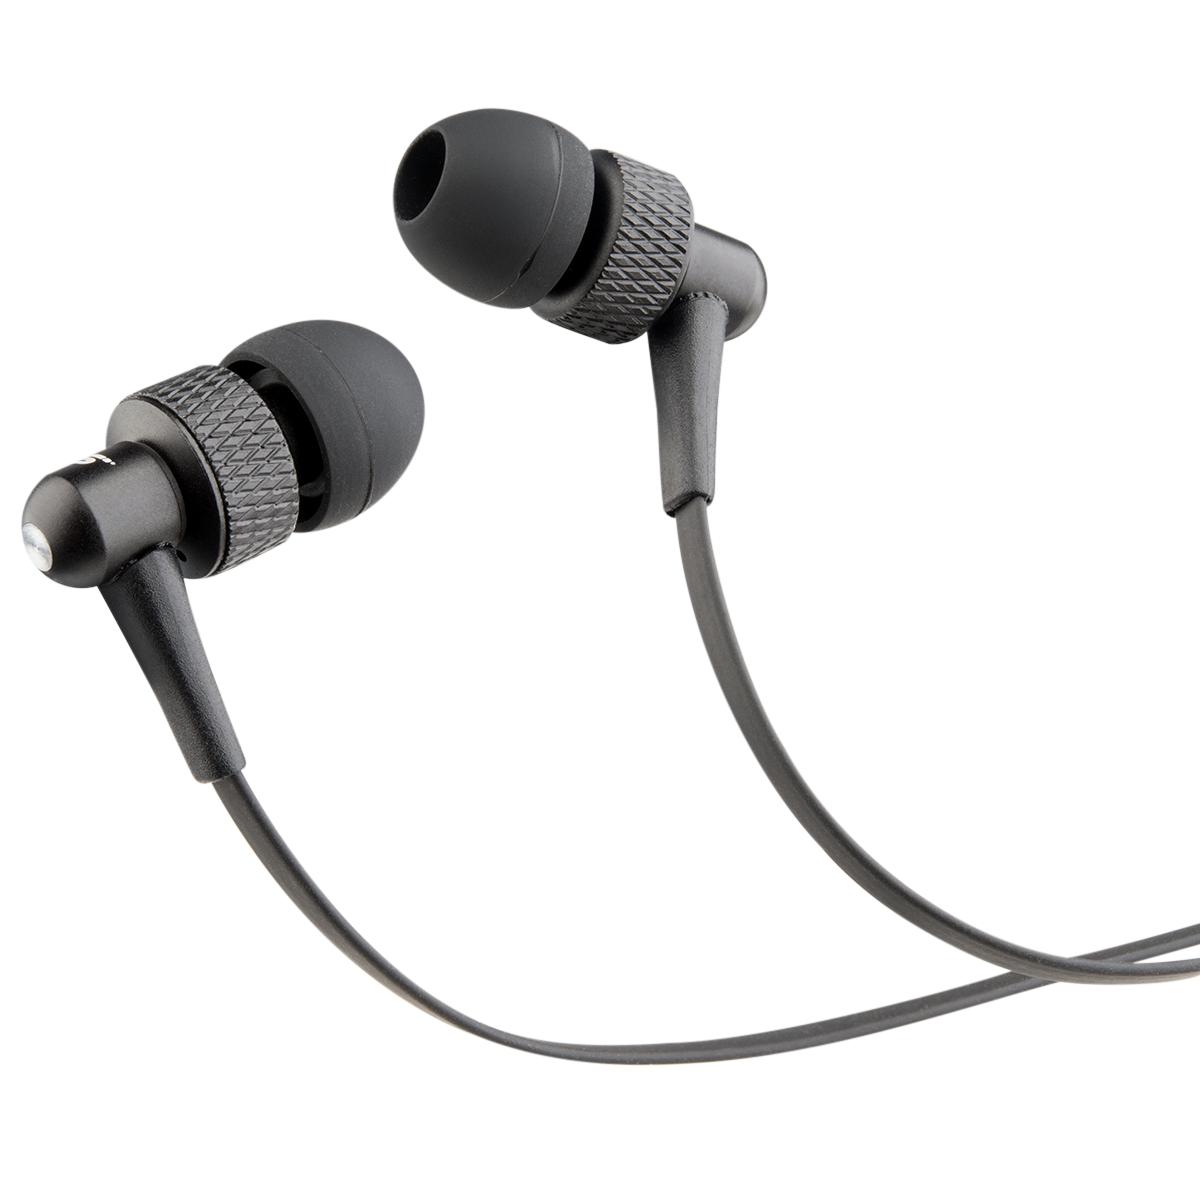 METAL EARBUDS - BLACK